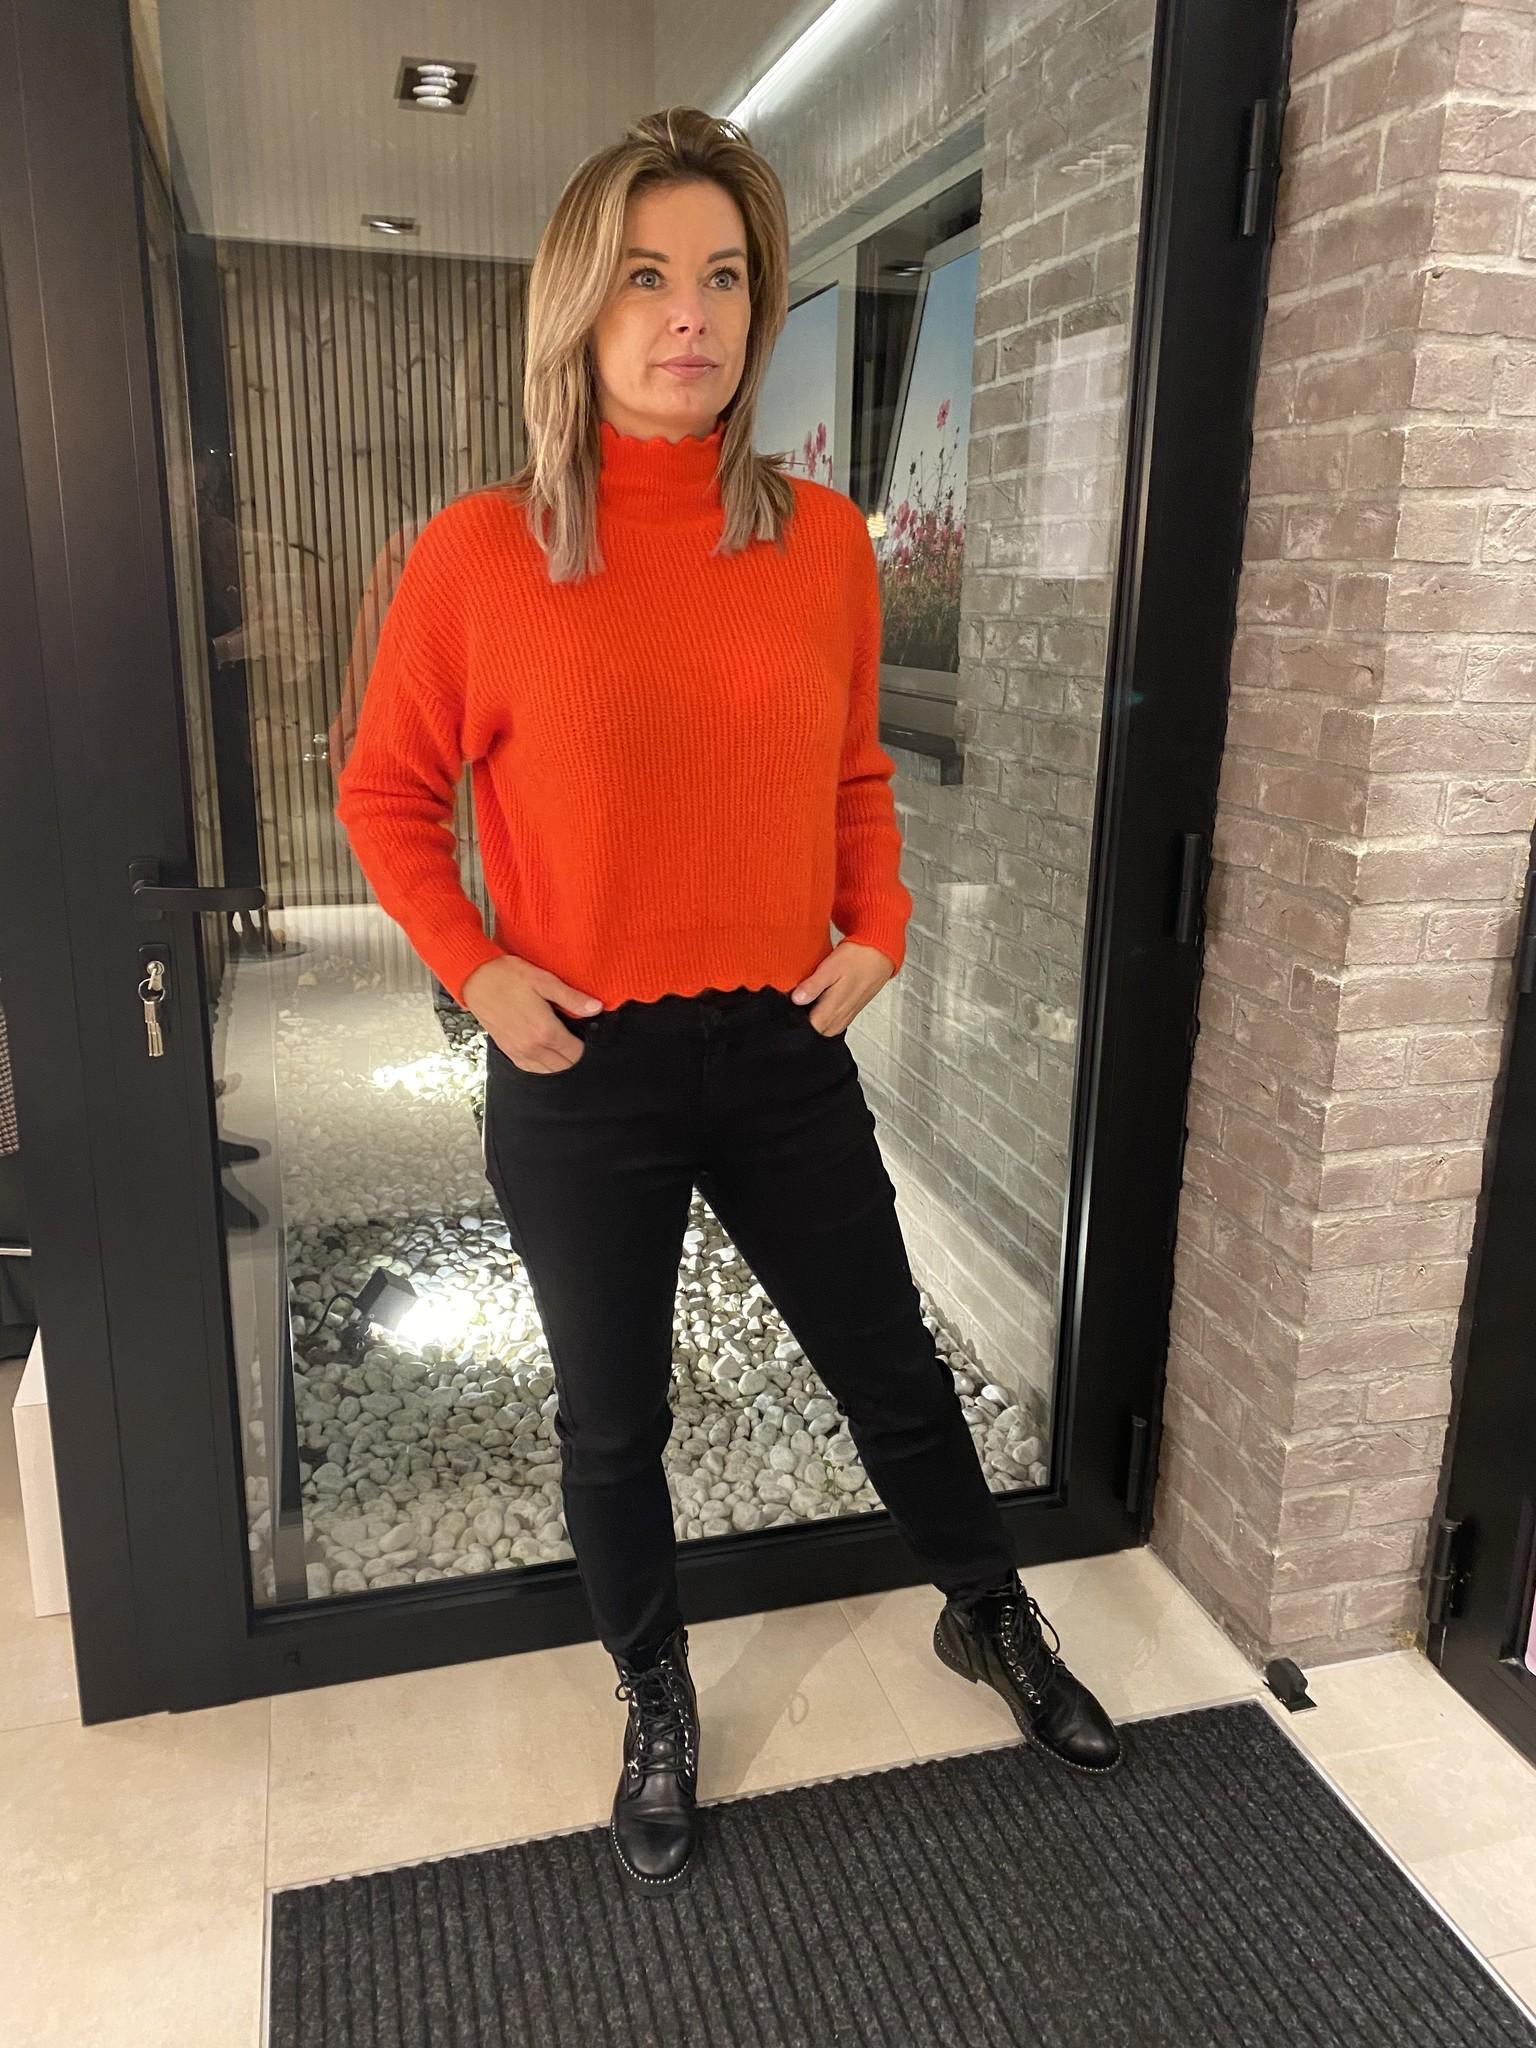 Pull Angele hoge kol Oranje/Rood TU